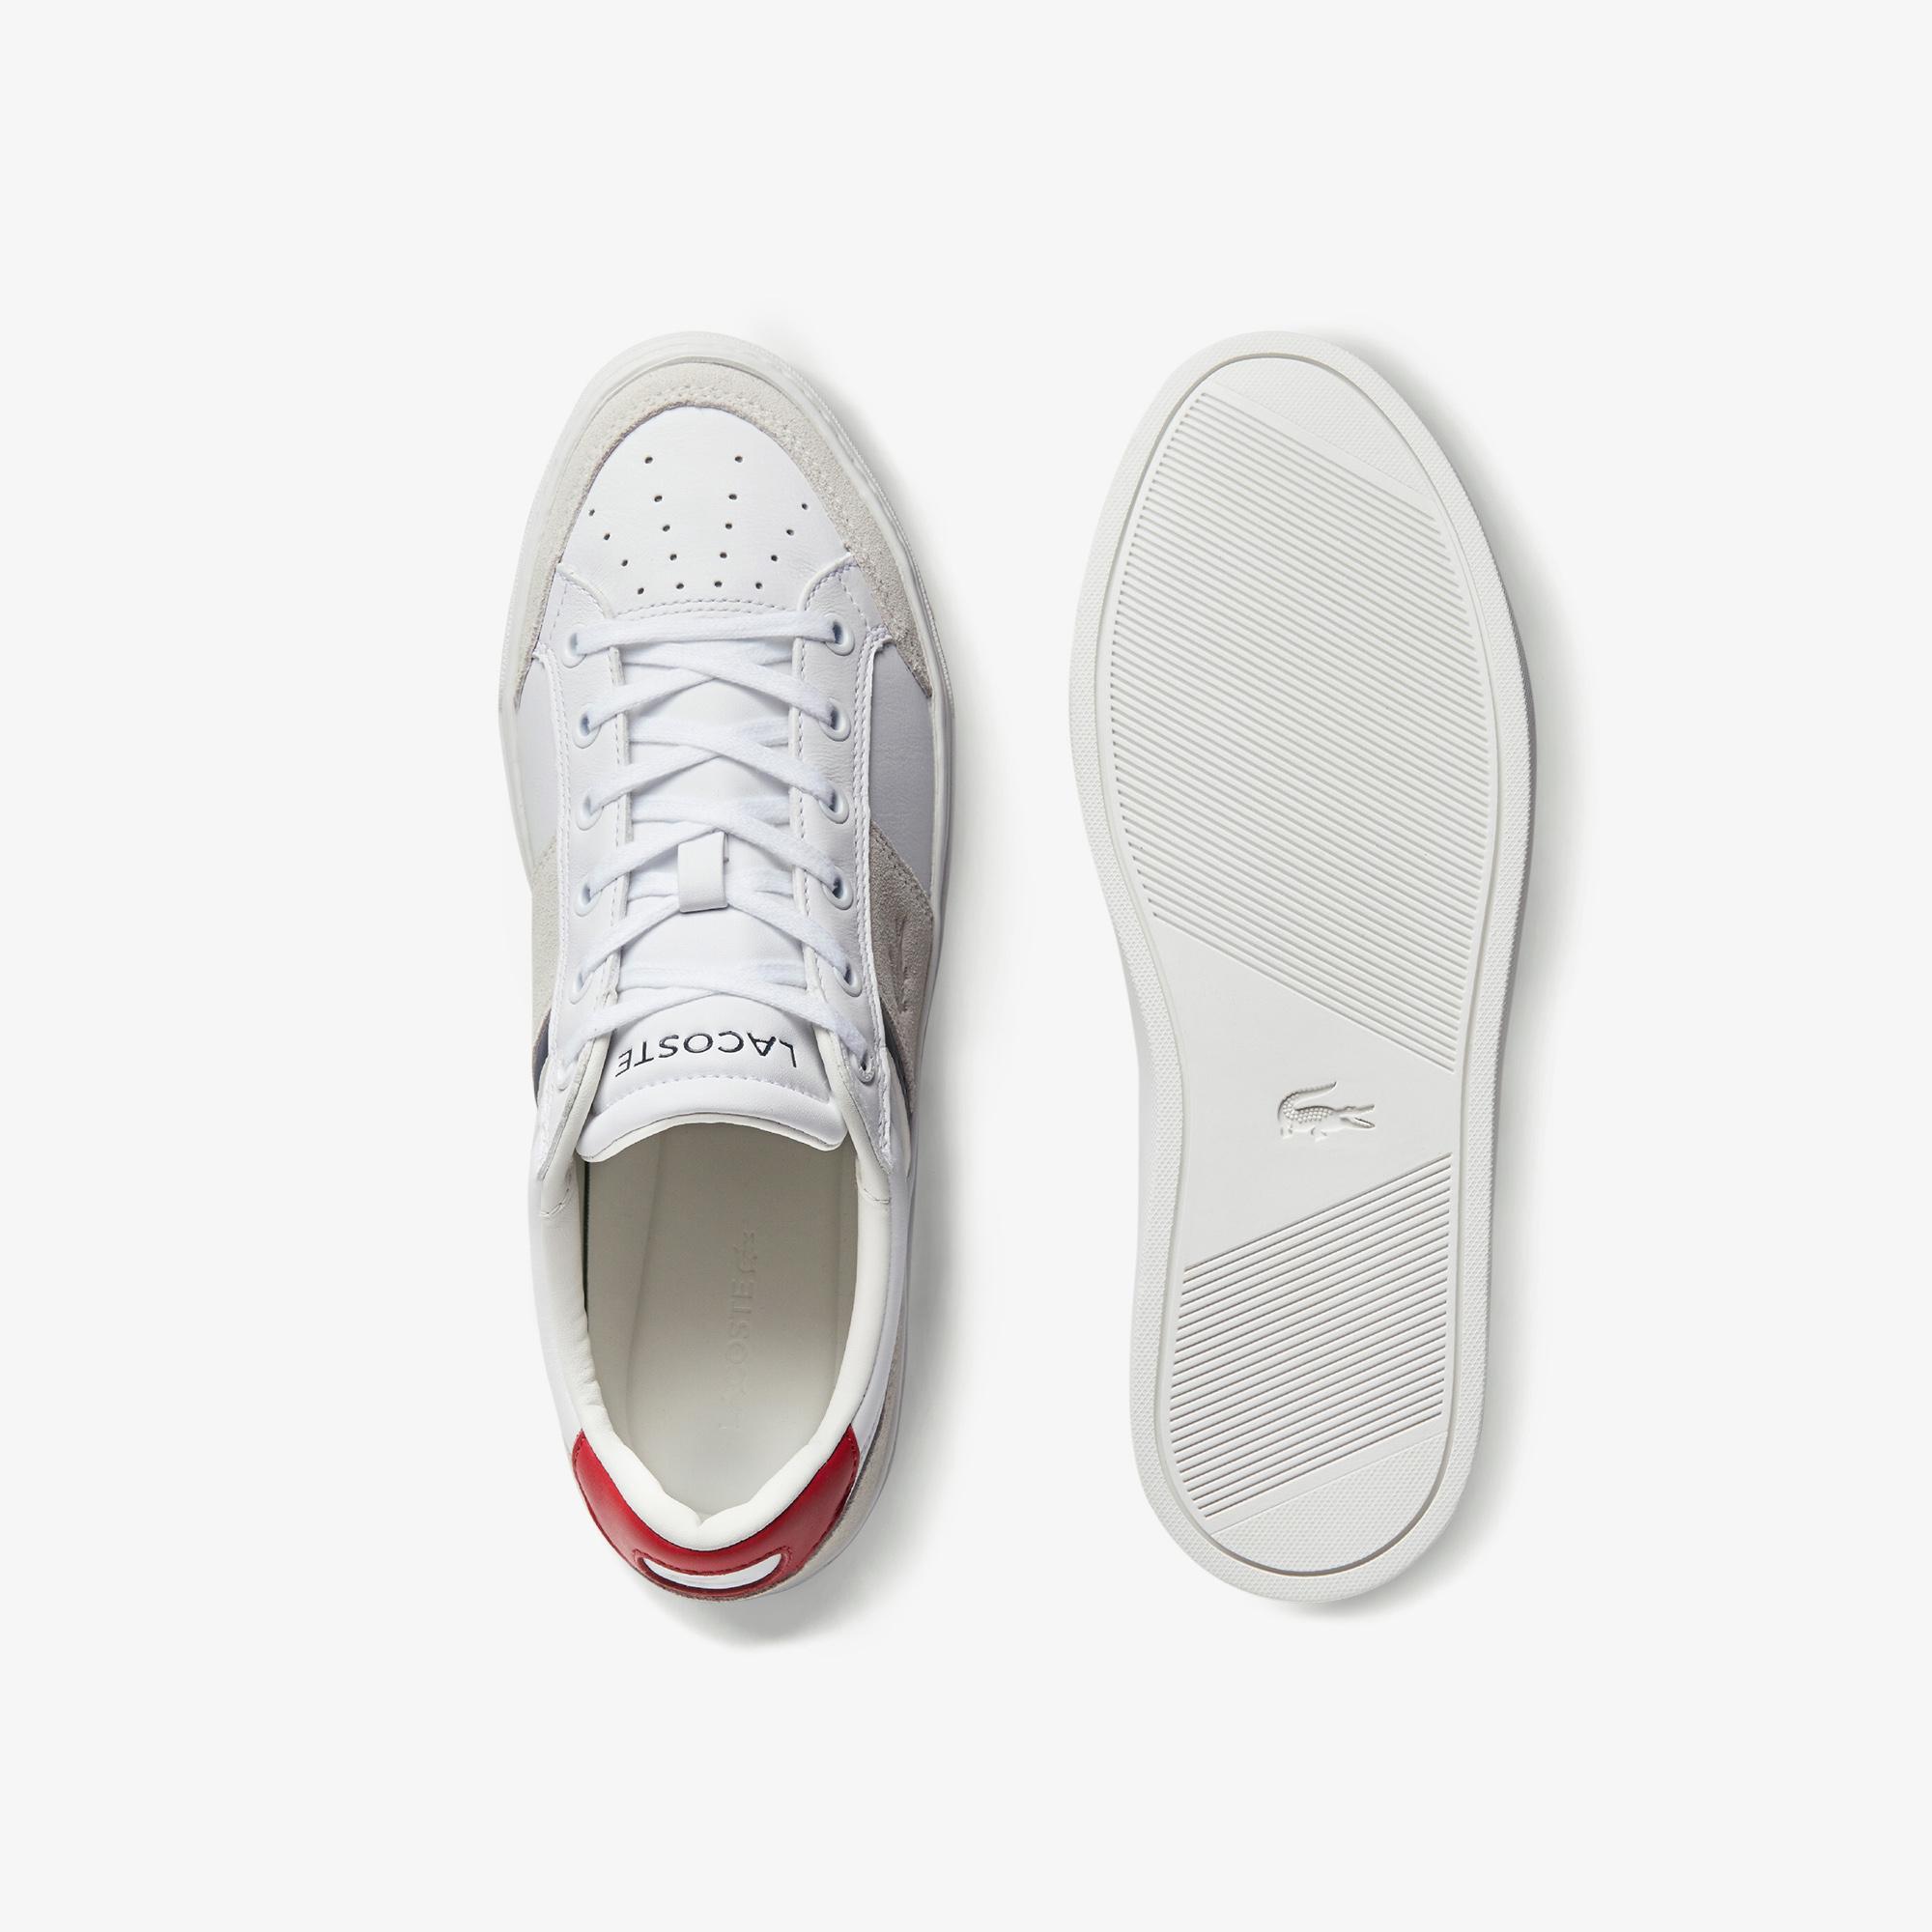 Lacoste Courtline 0120 1 Cma Erkek Deri Beyaz - Bej Sneaker